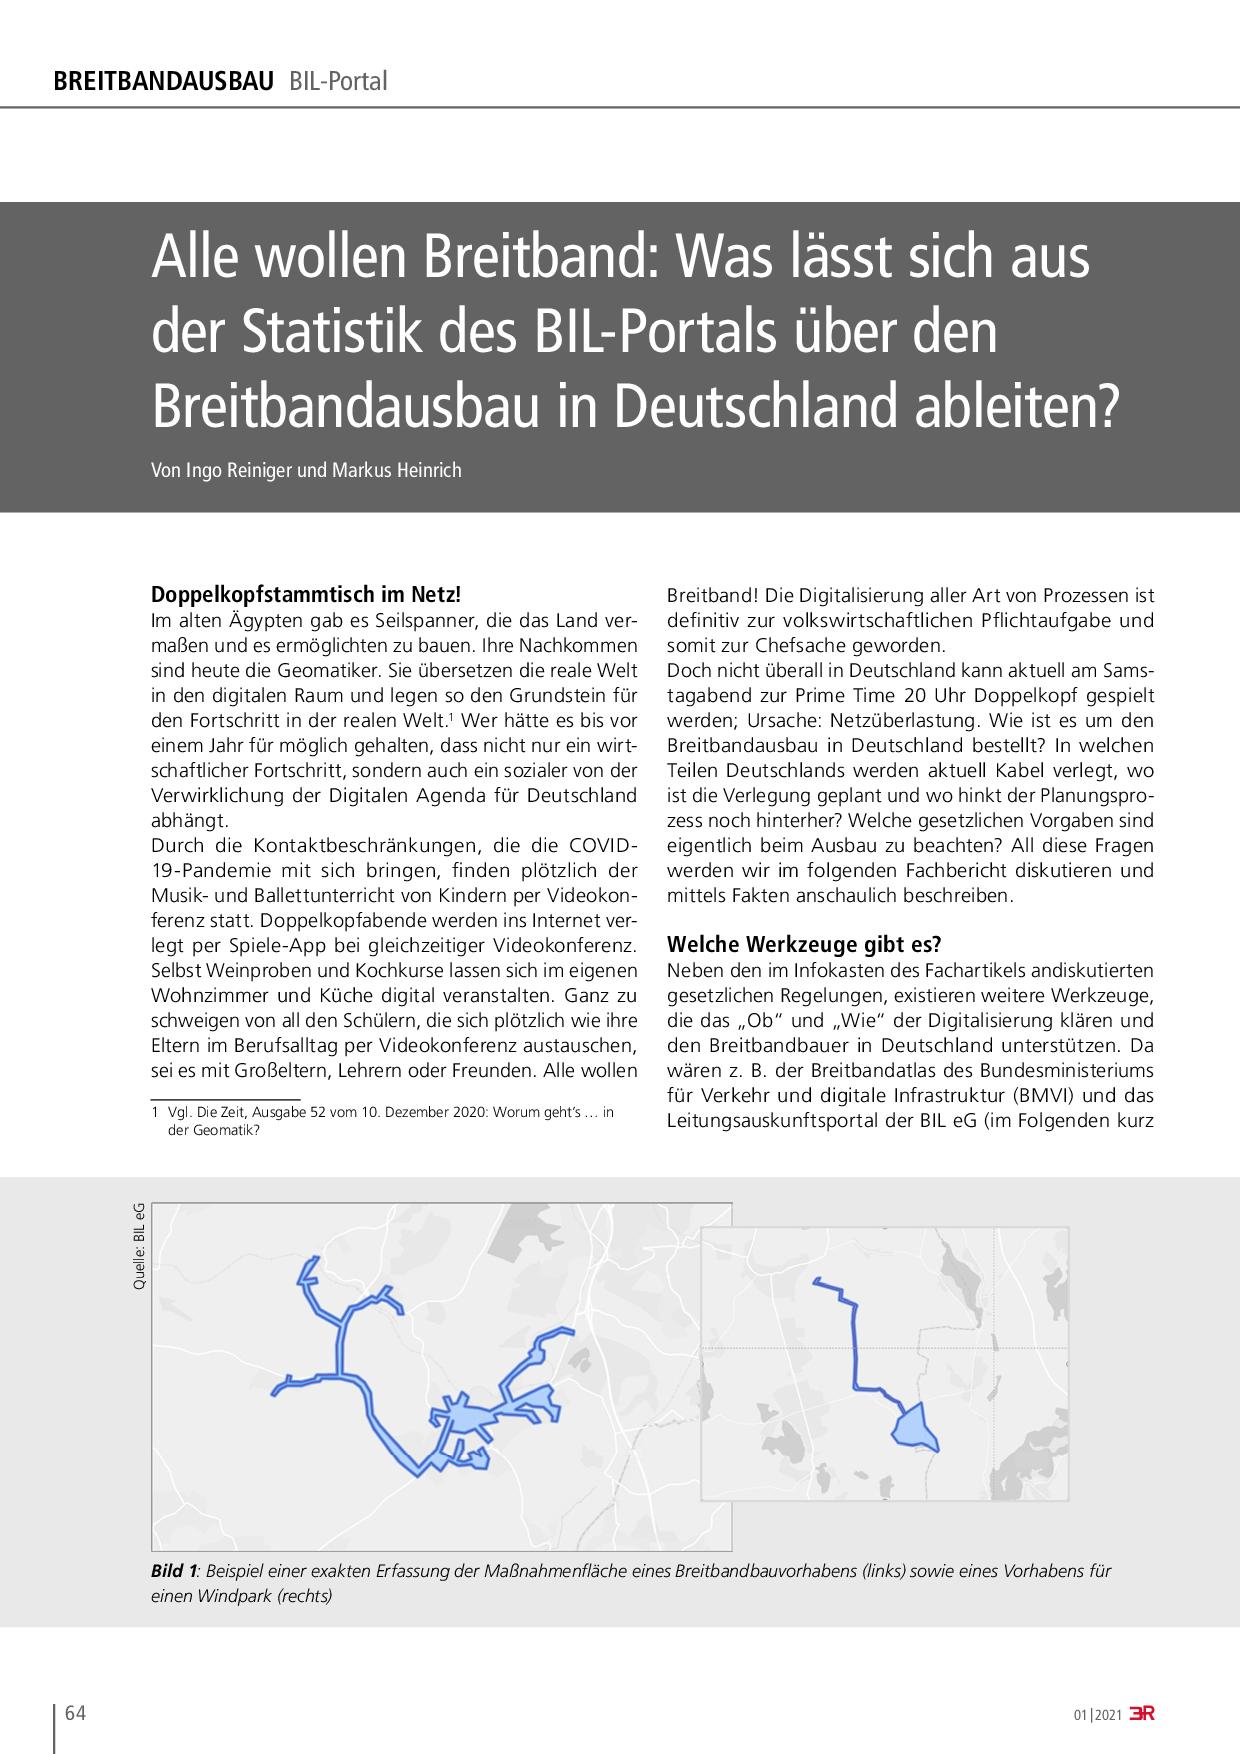 Alle wollen Breitband: Was lässt sich aus der Statistik des BIL-Portals über den Breitbandausbau in Deutschland ableiten?